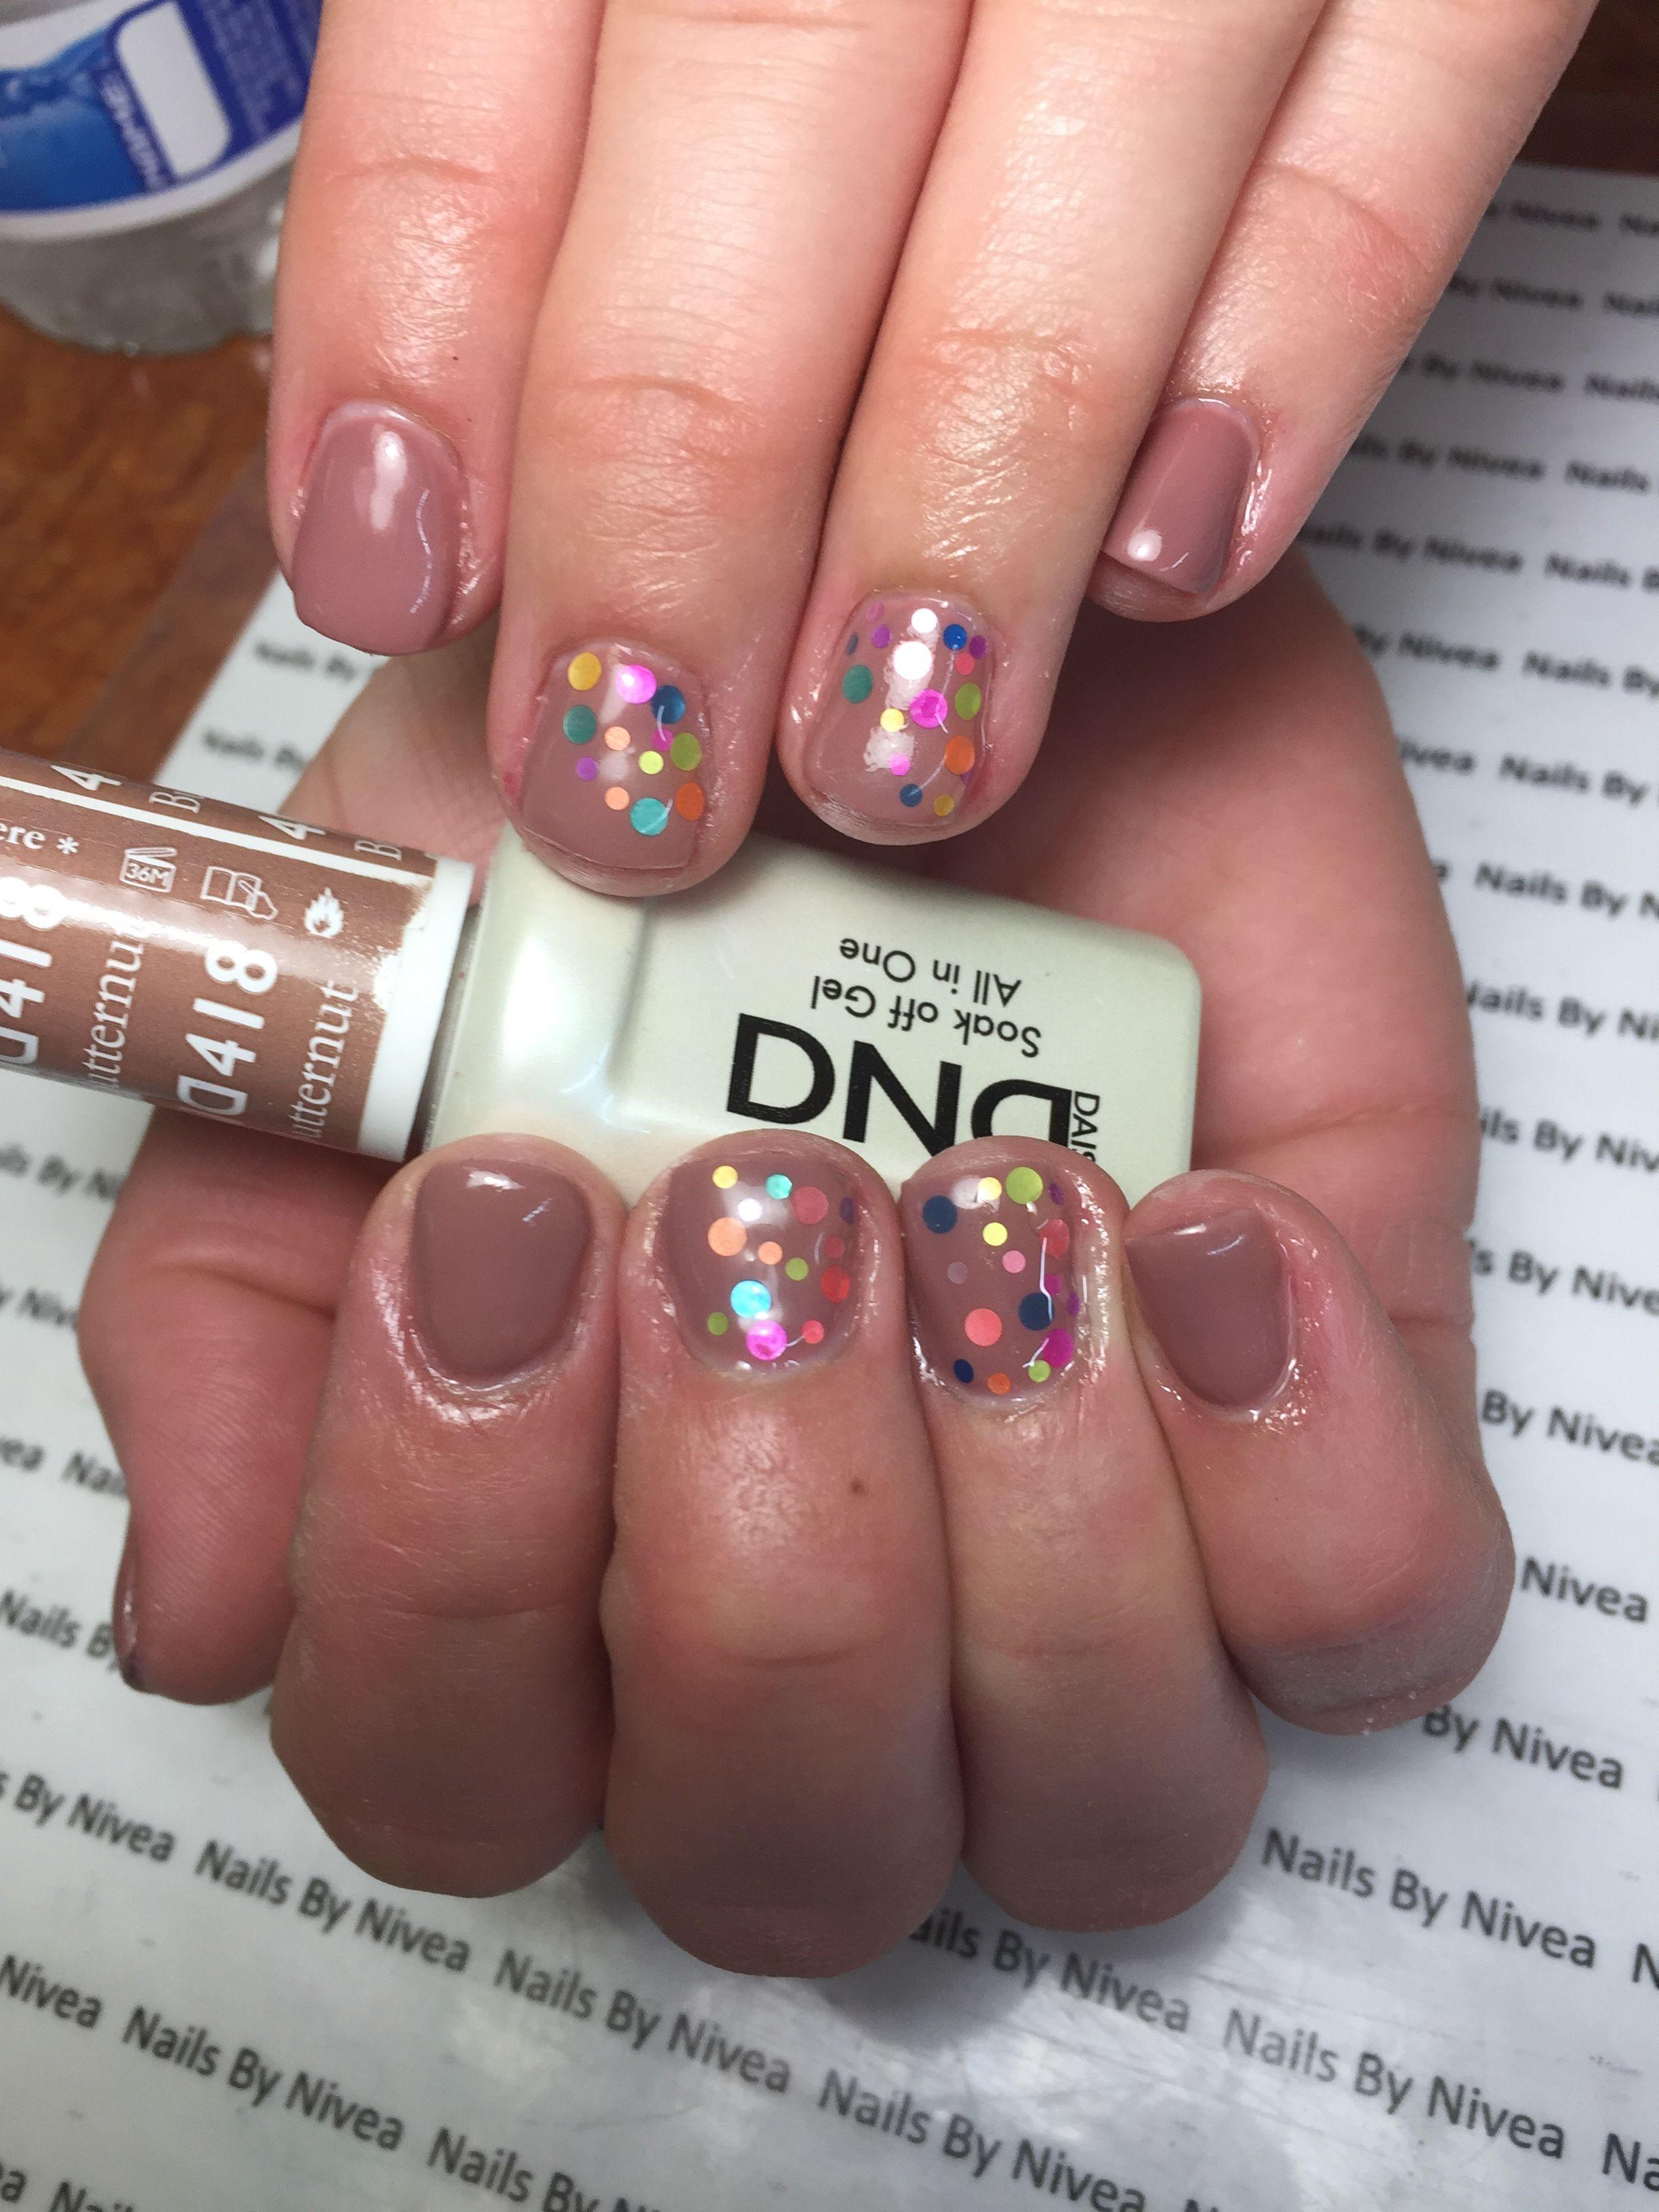 Gel polish nail designs by nailsbynivea nails pinterest